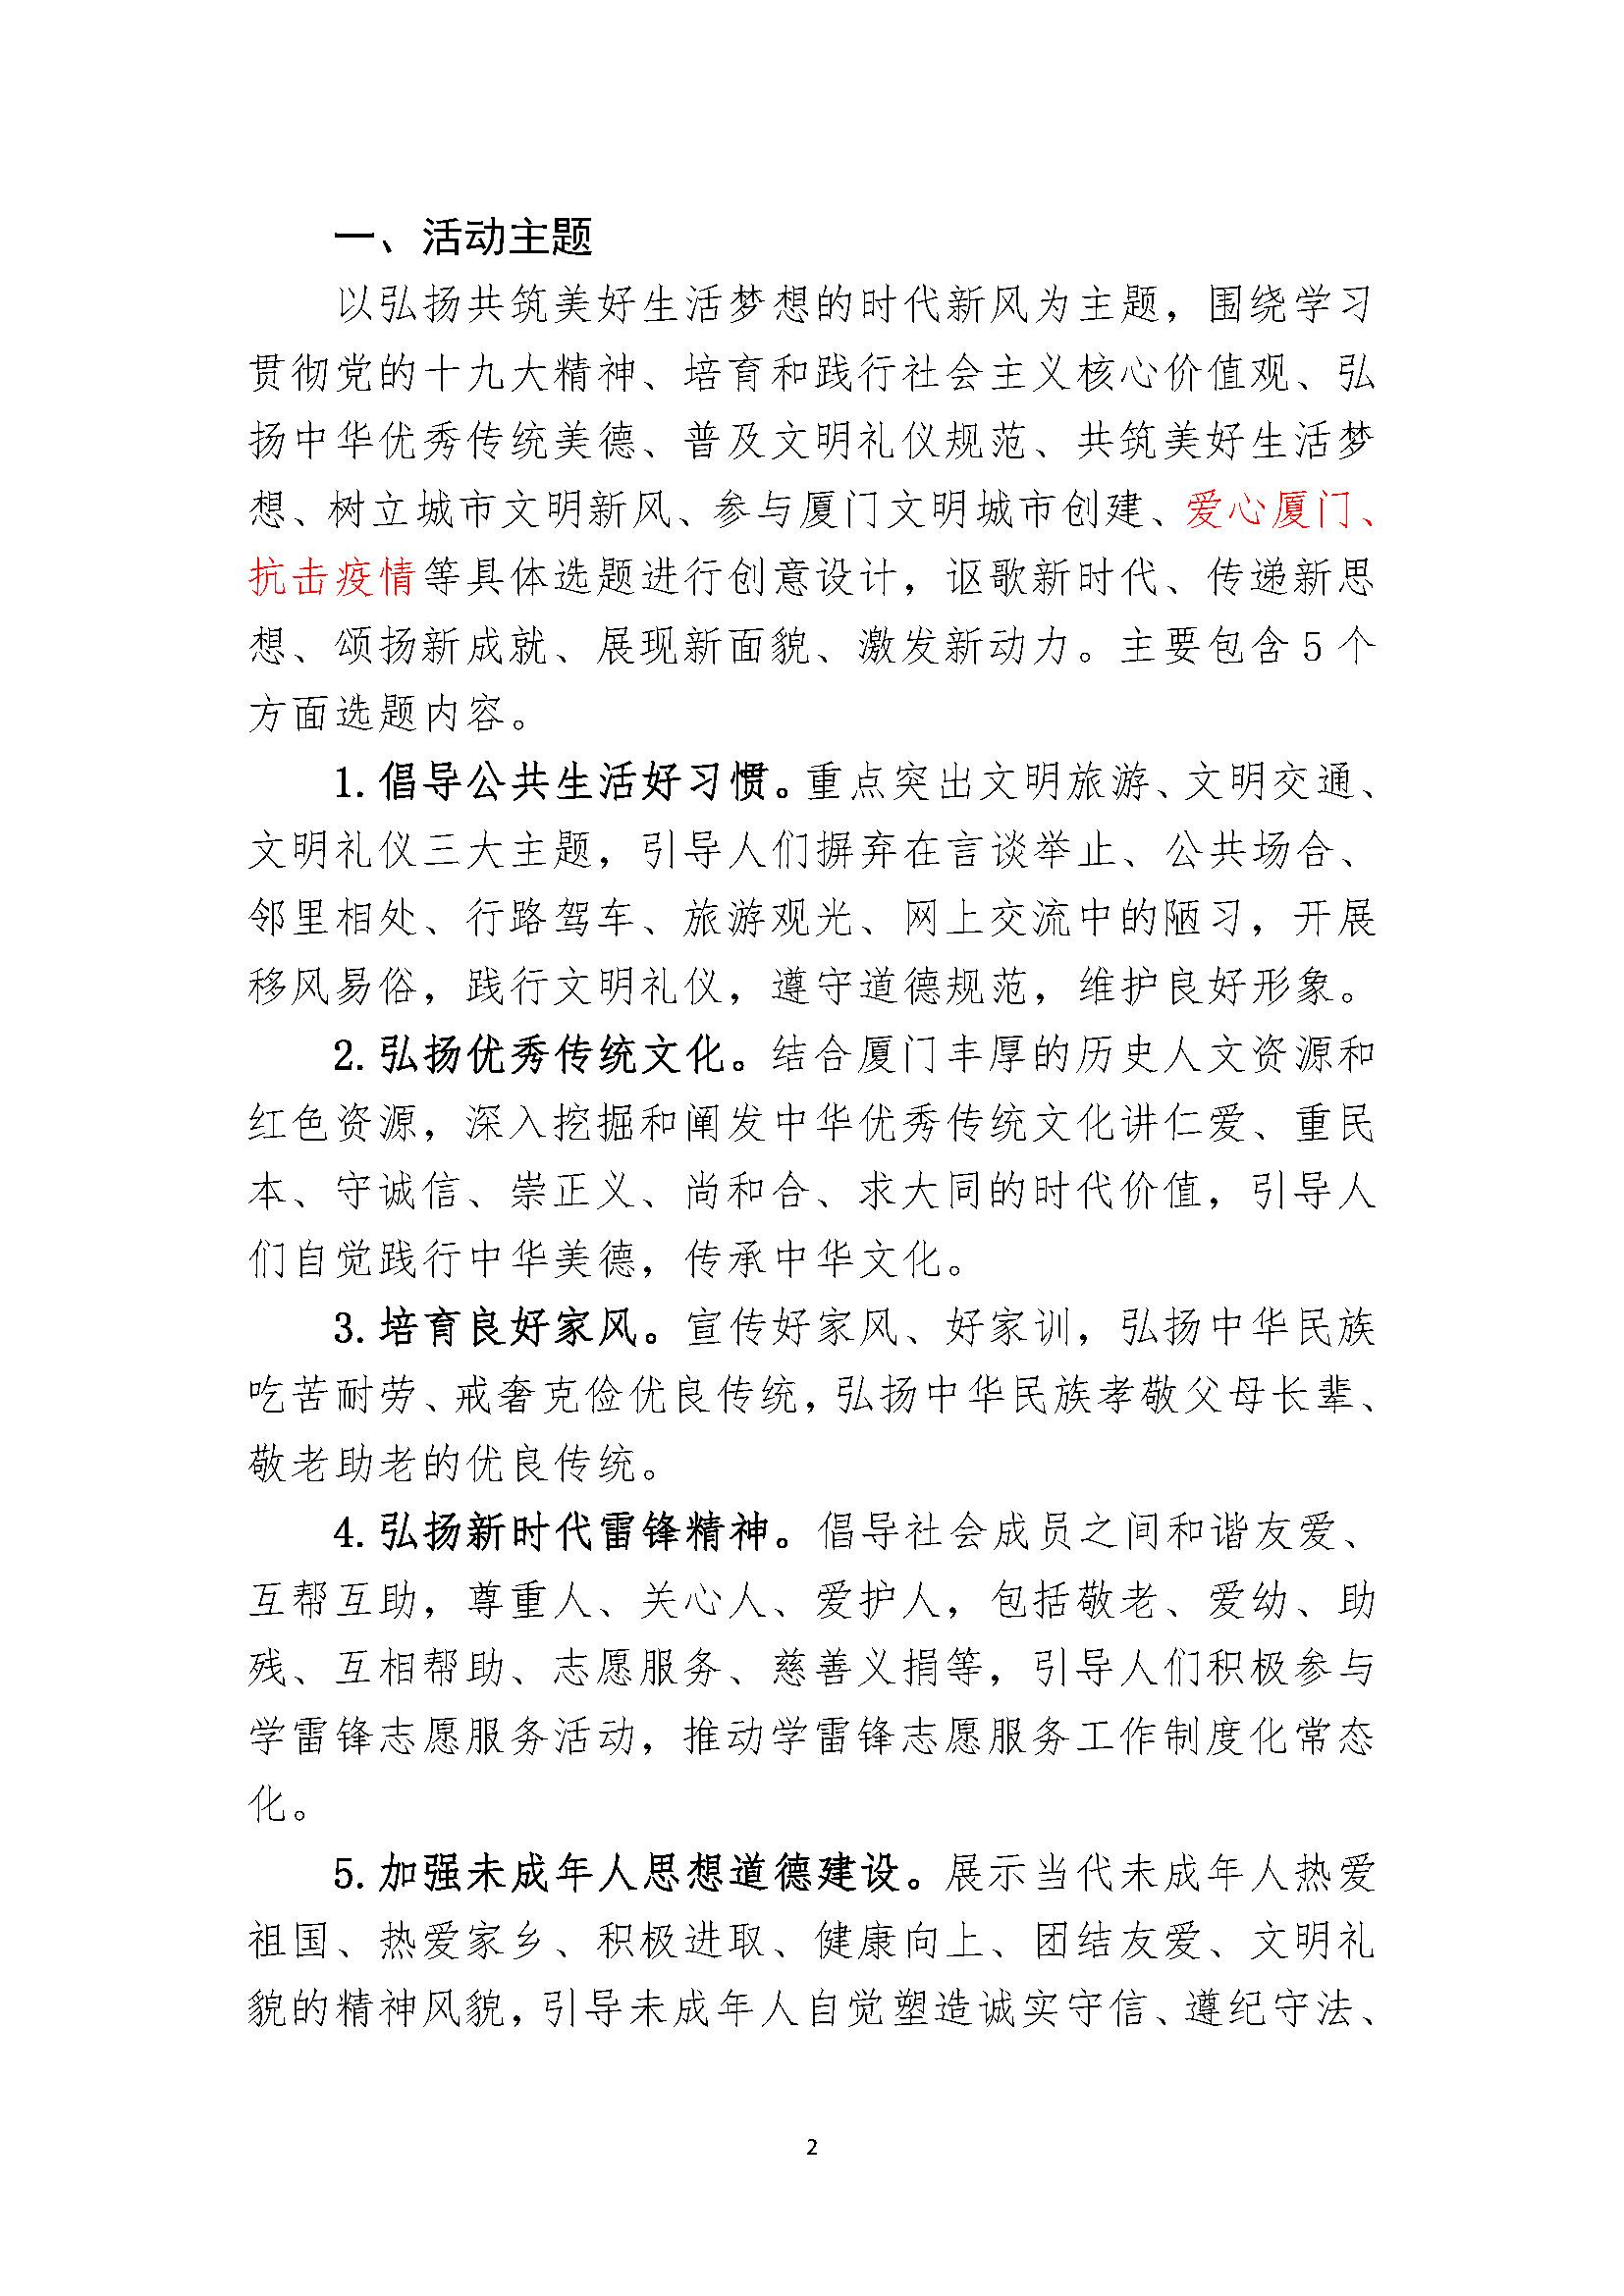 """2020年""""讲文明树新风""""第三届海峡两岸公益广告大赛增加""""抗击疫情""""主题的补充通知(红字部分)"""